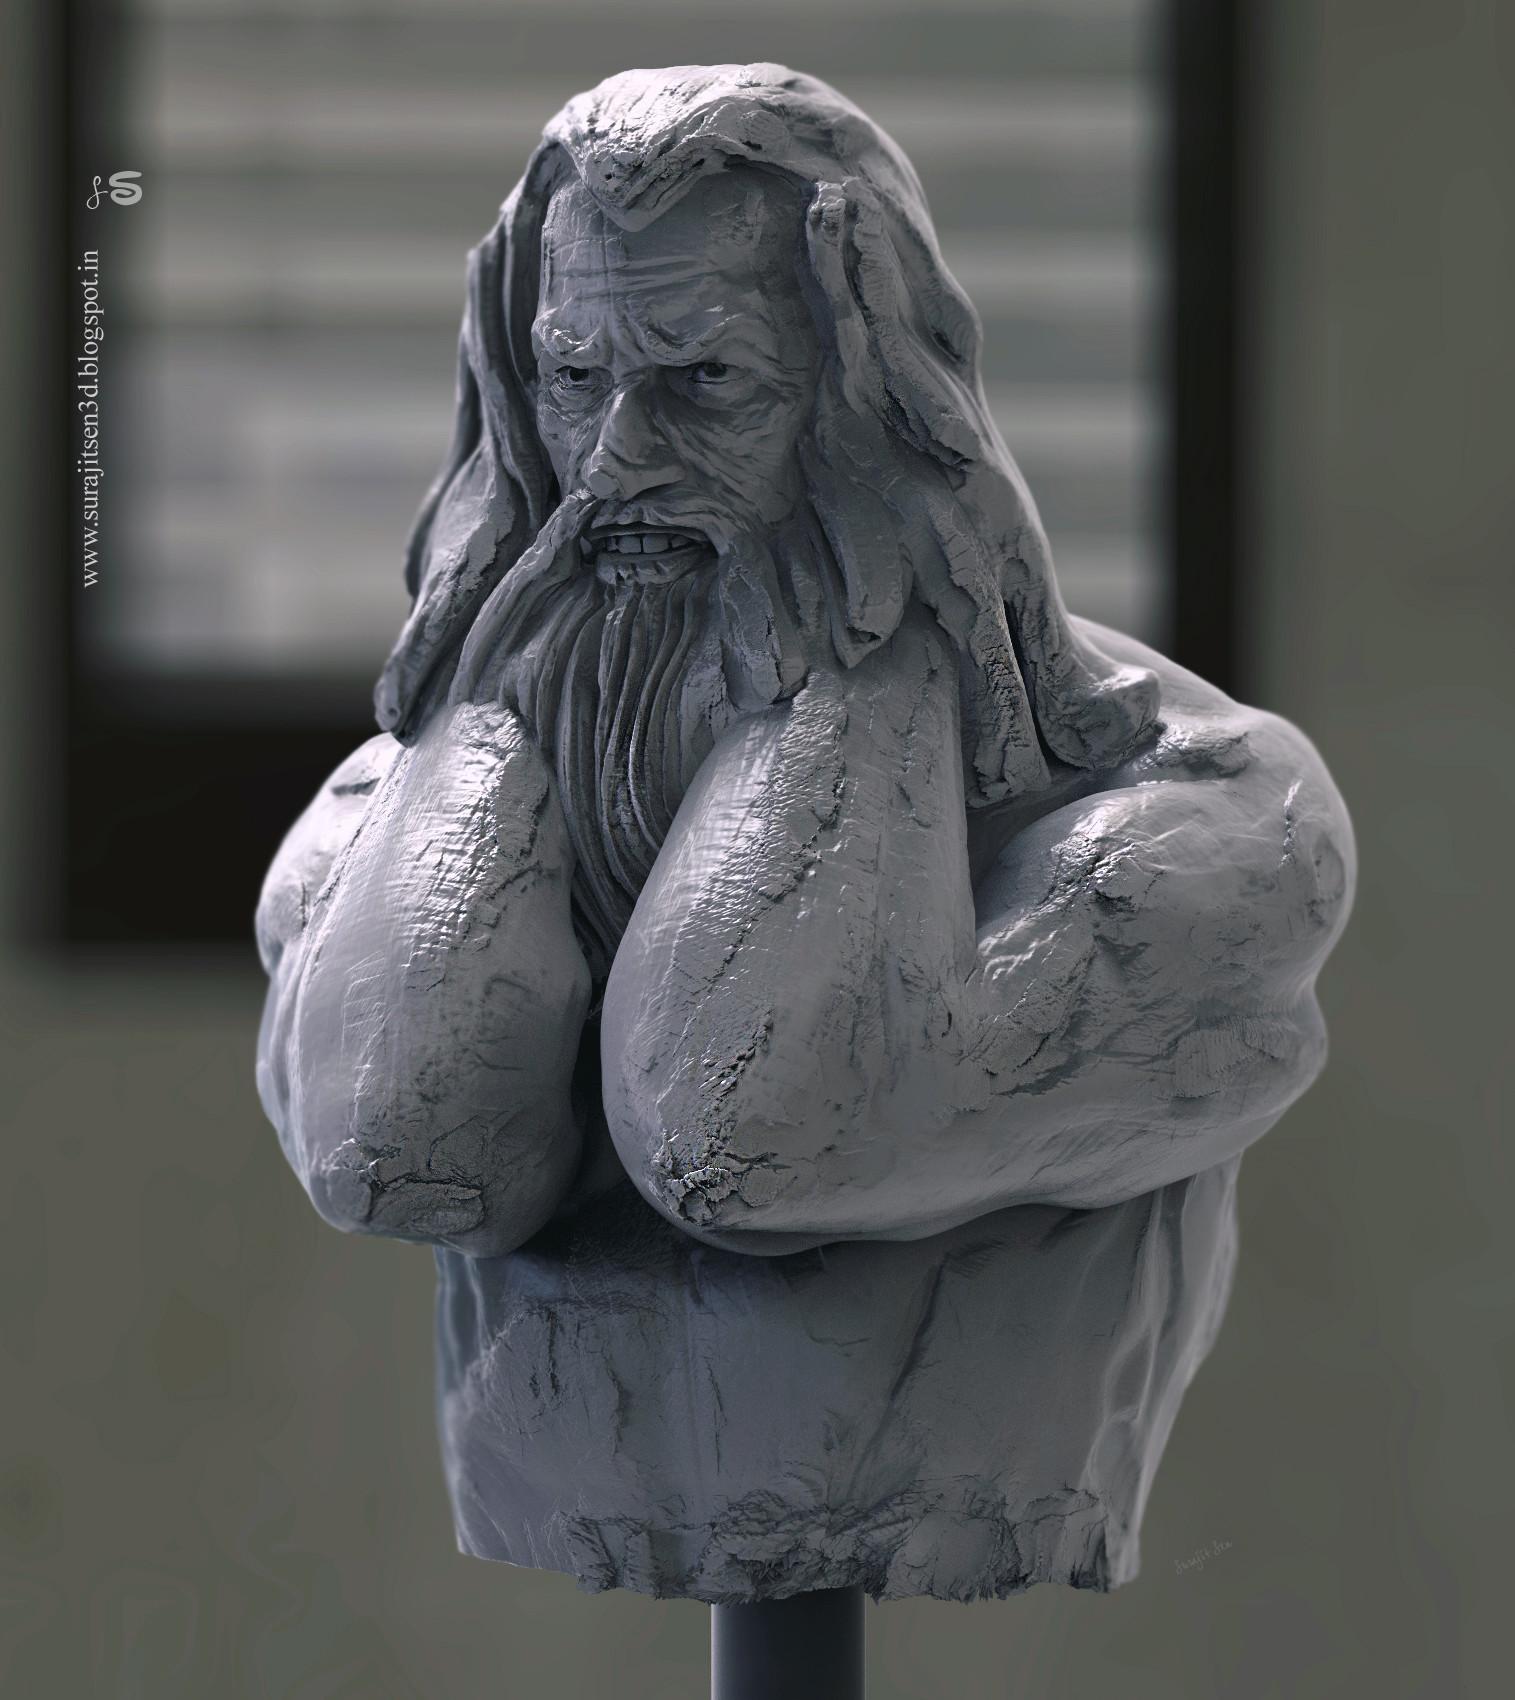 Surajit sen quick sculpt pain by surajitsen